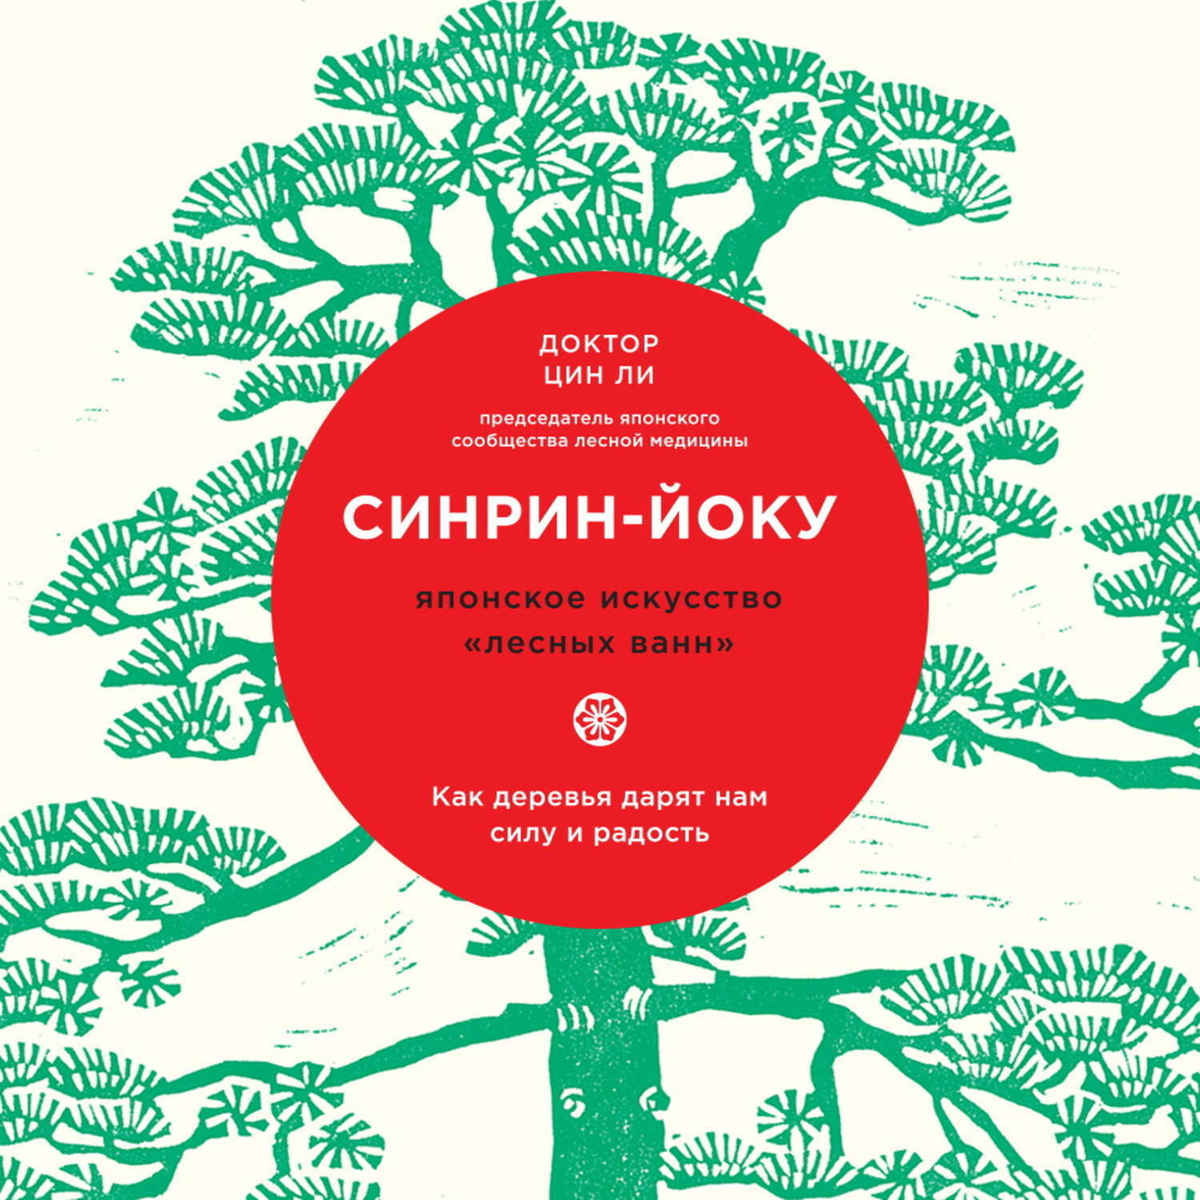 Синрин-йоку: японское искусство и наука «лесных ванн» | Ли Цин  #1